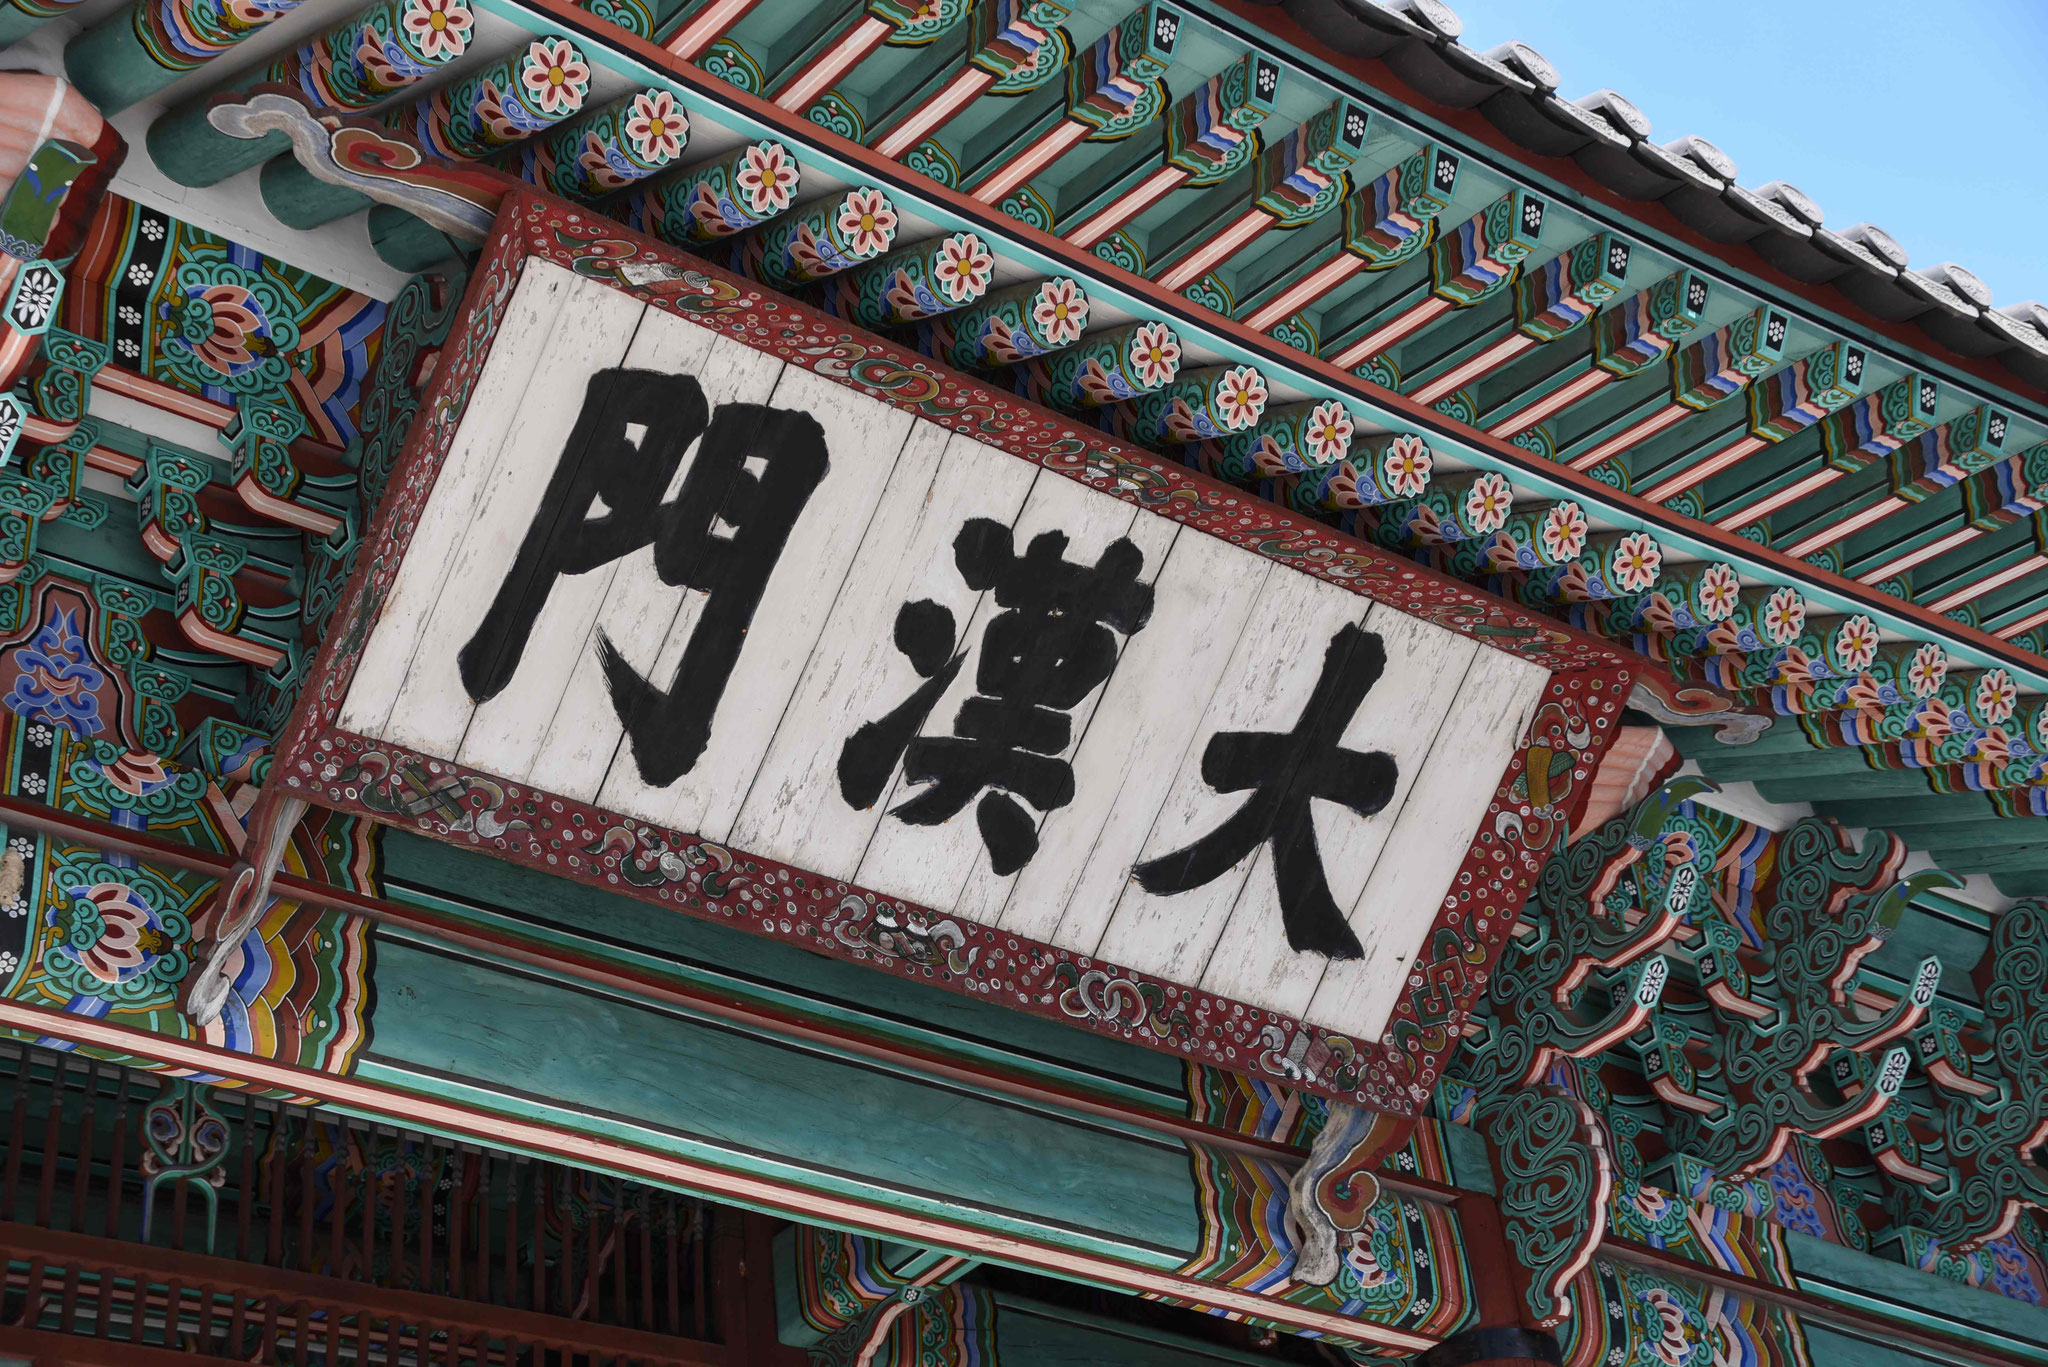 Chinesische Schriftzeichen: Großes Hanyang-Tor (Seoul hieß früher Hanyang)